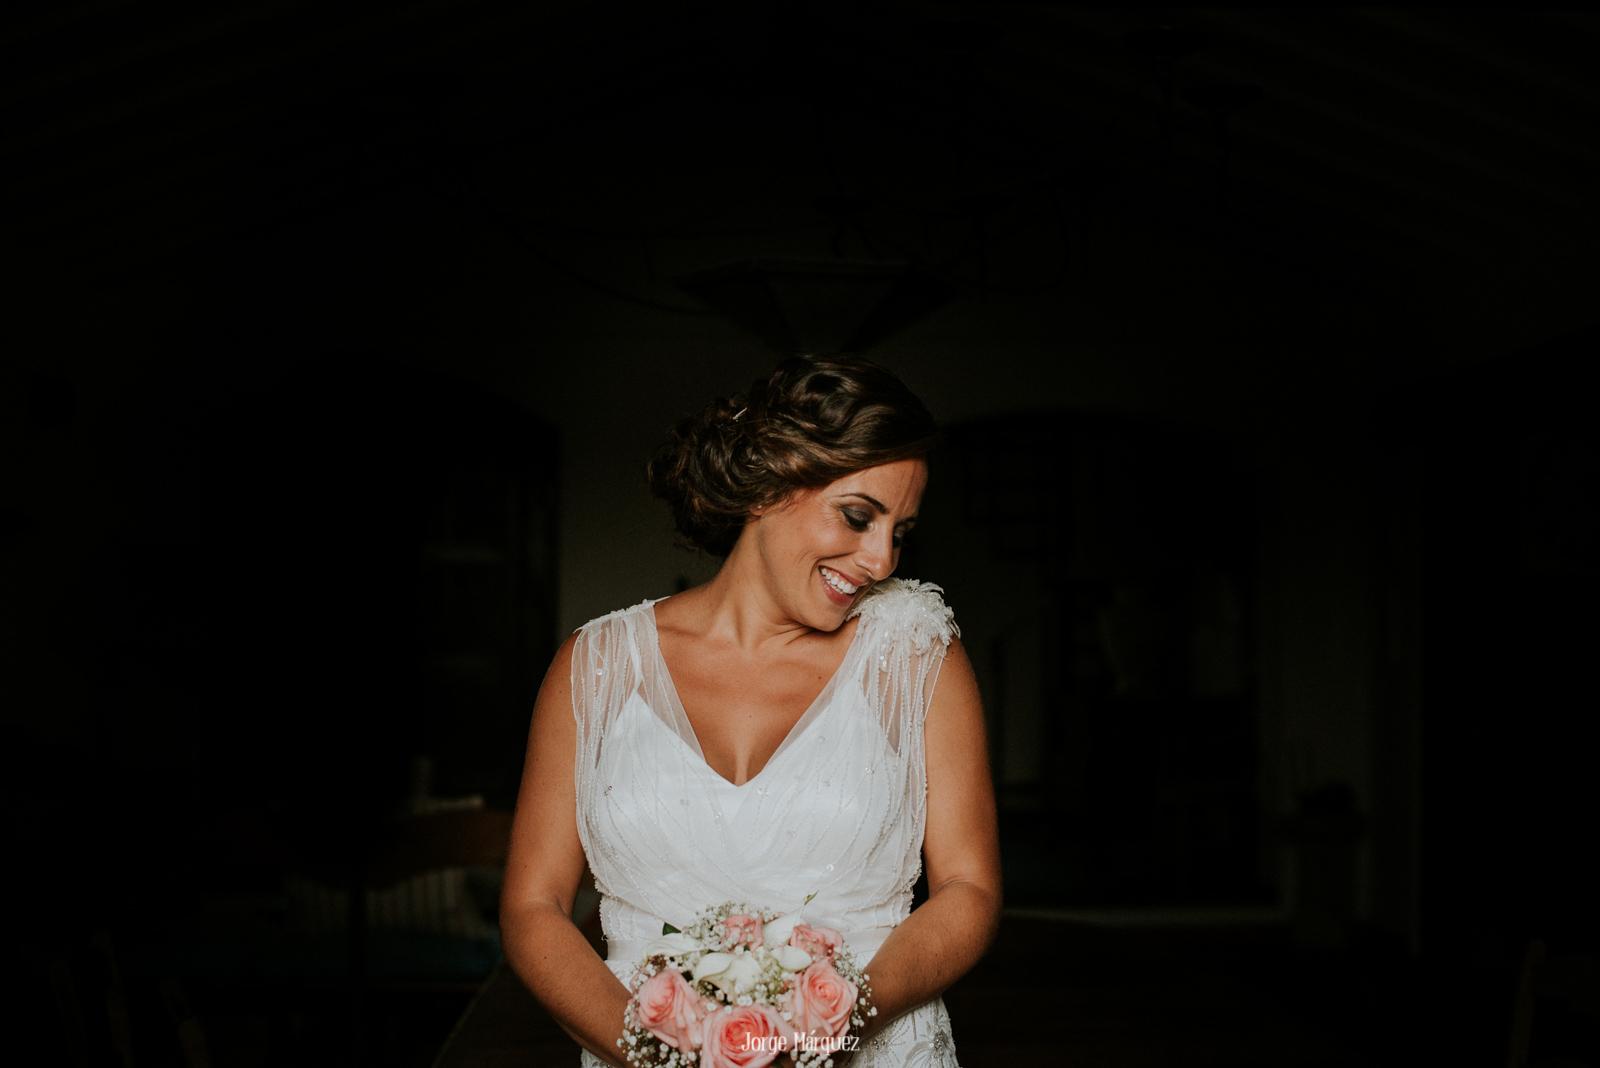 Fotografo de boda en Malaga | Boda de Carmen & Fernando